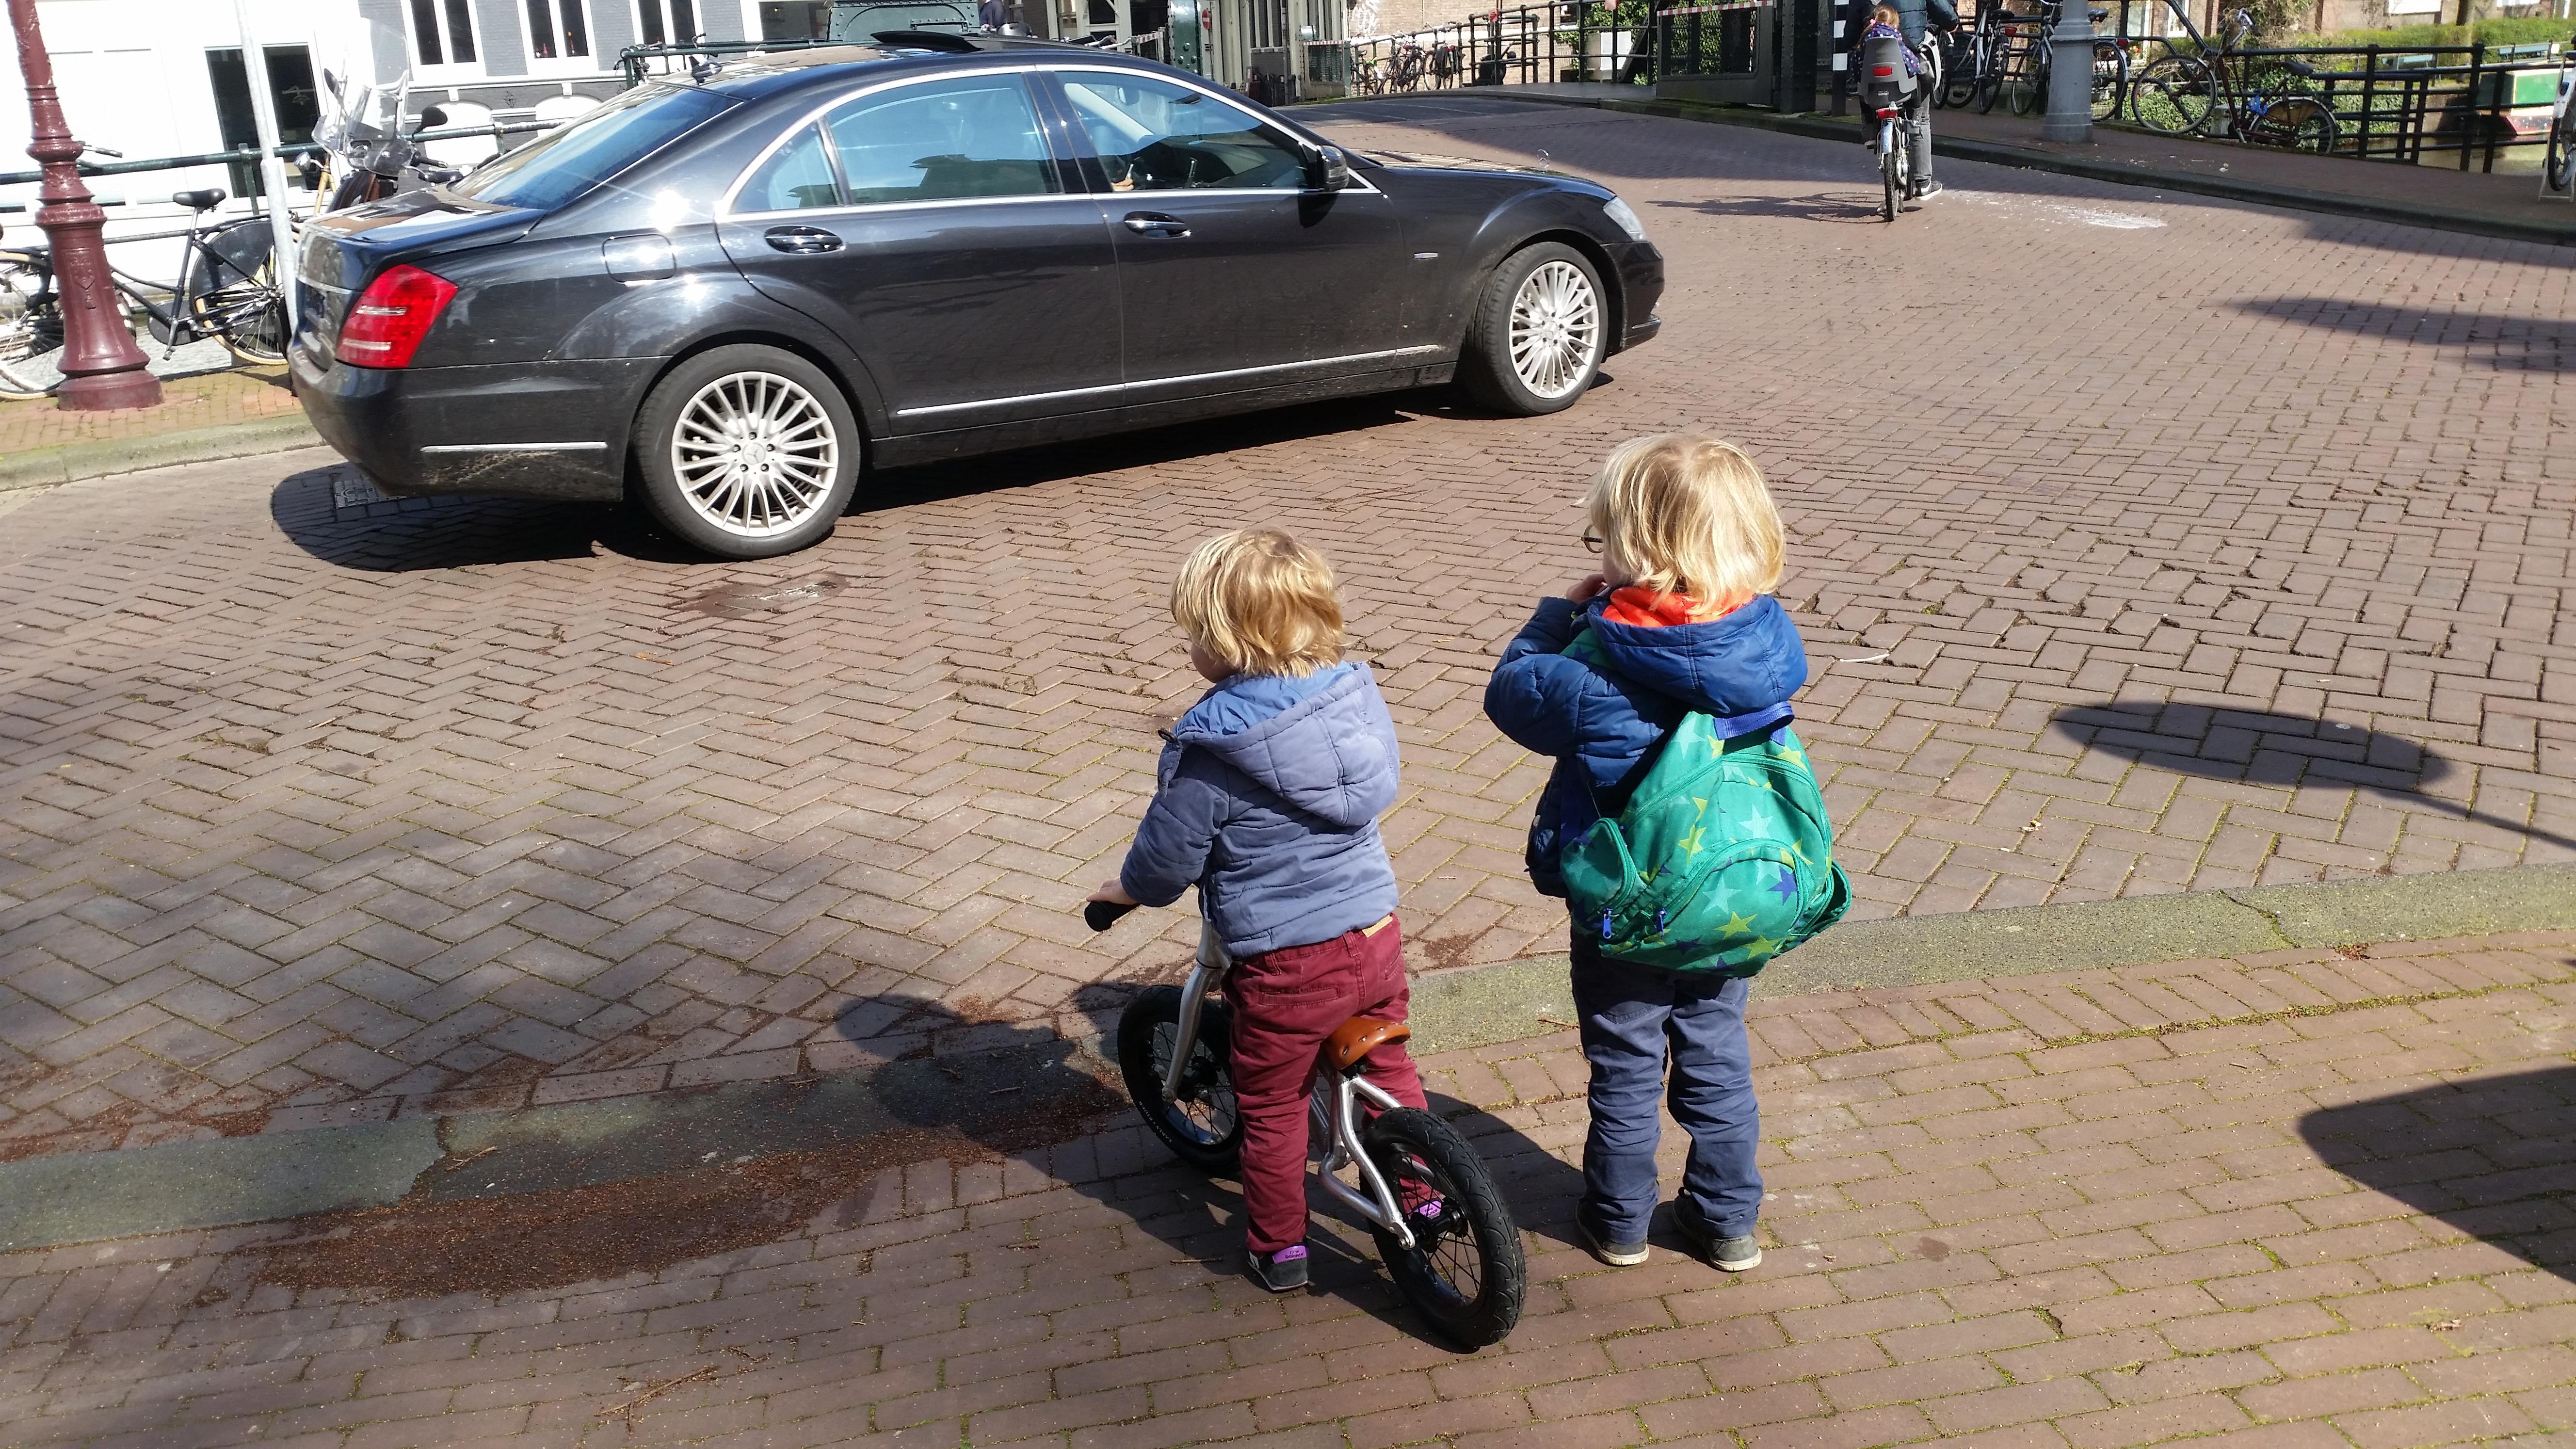 4-16-fiets-kinderwagen-onderweg-veilig-tips-tricks-ervaring-handig-jongens-meisjes-nanny-moeder-opvoeding-fietshelm-water-oversteken-stad-amsterdam-weg